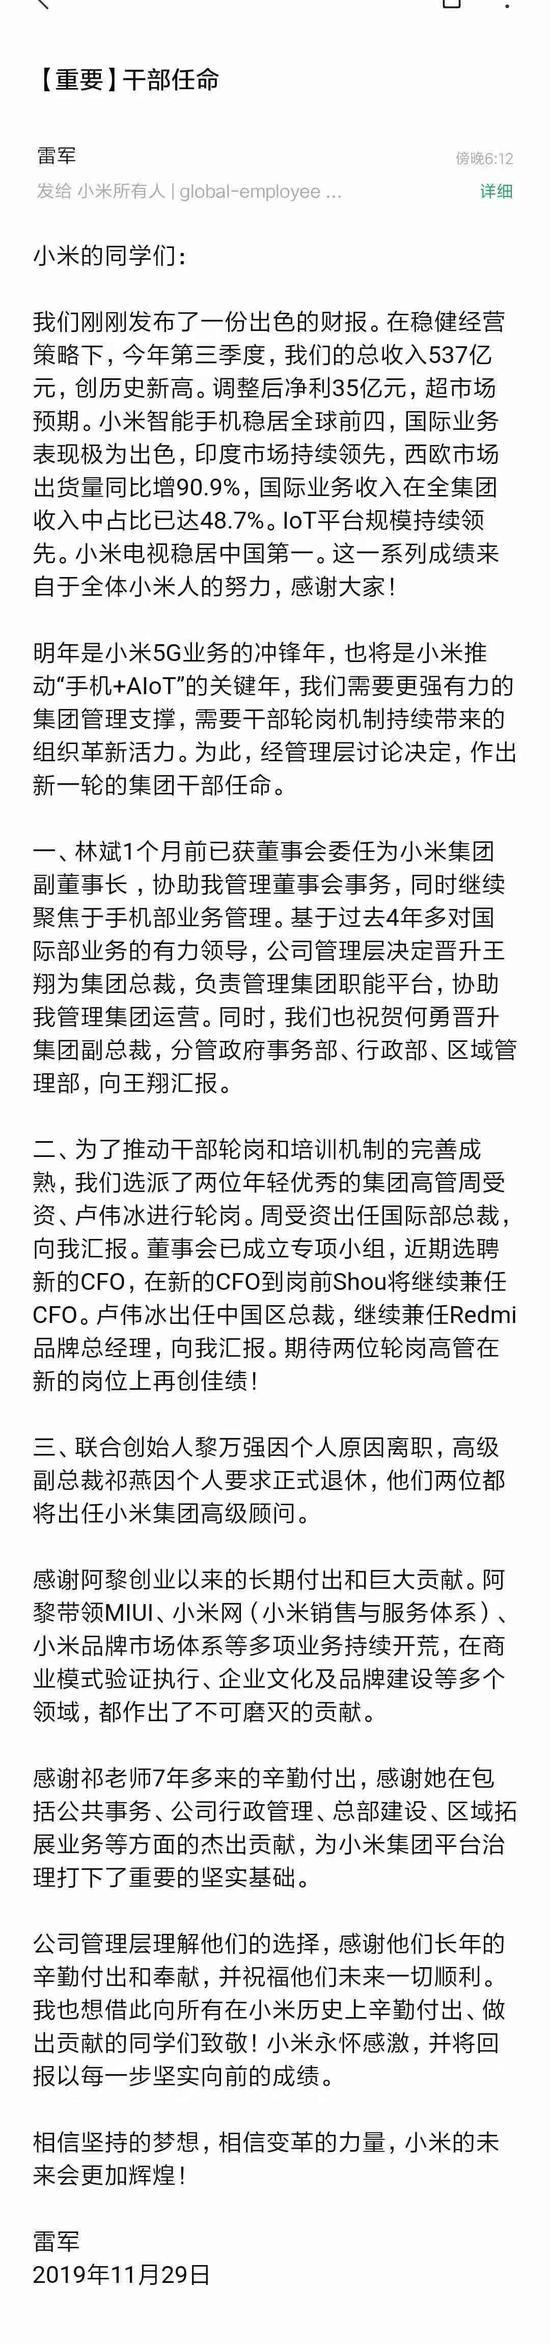 iphone4线上游戏|中泰证券股份有限公司关于上海证券交易所《关于对辰欣药业股份有限公司有关变更募集资金投资项目事项的问询